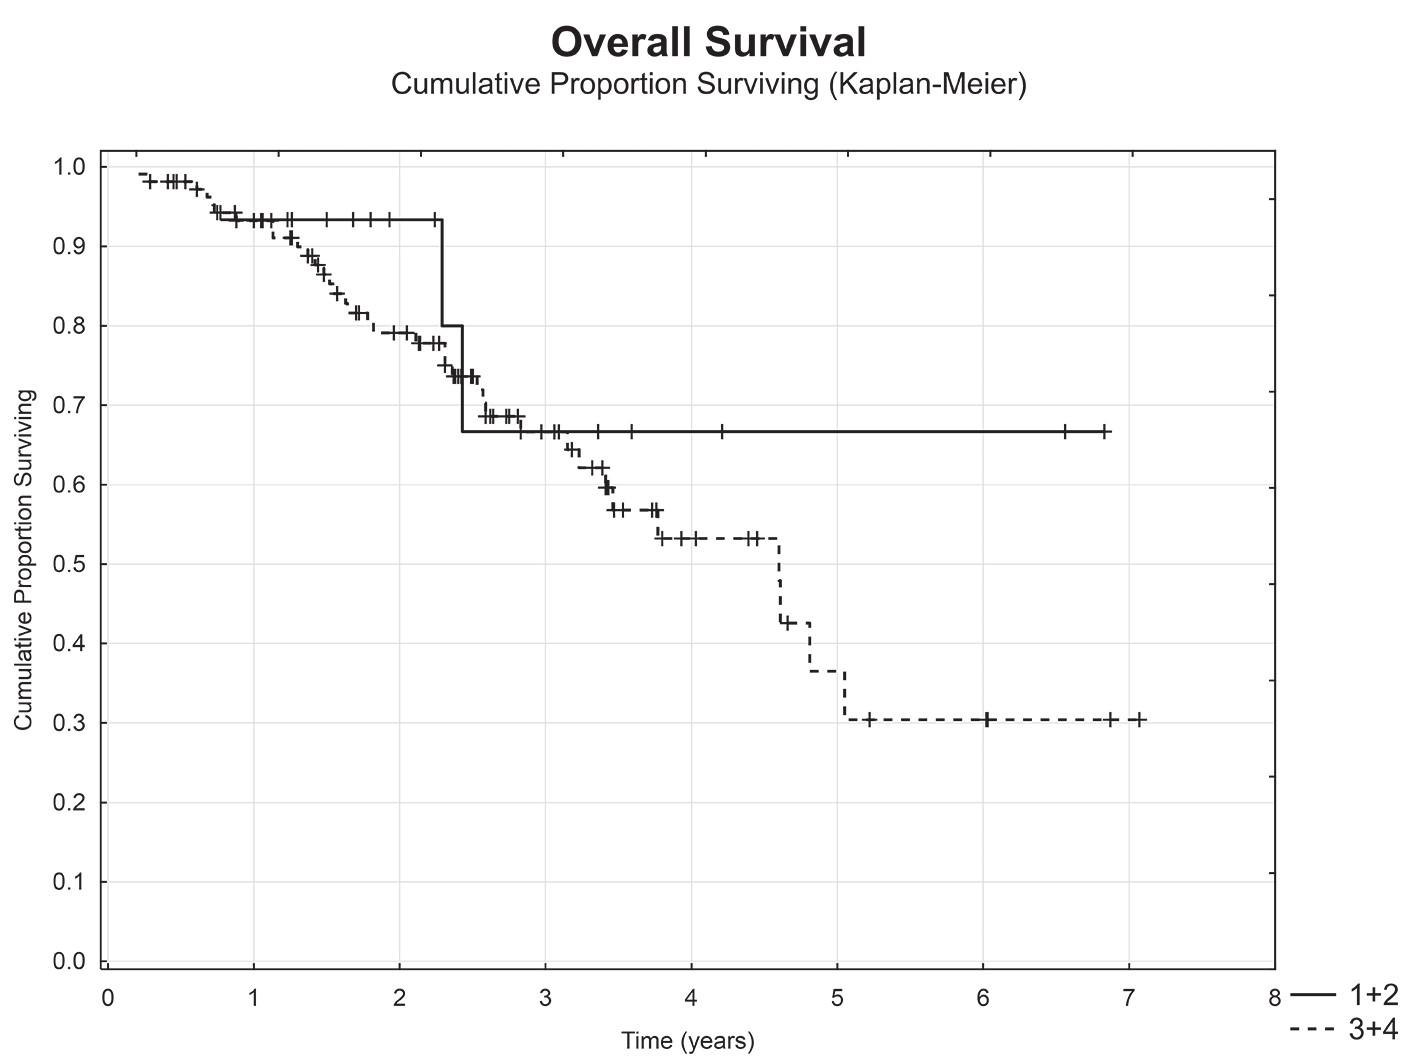 Celkové přežití nemocných dle pokročilosti lokálního nálezu (lokalizovaná malignita (T1+T2) vs. lokálně pokročilá malignita (T3+T4)) Graph 5: Overal survival with respect to local staging (localized (T1+T2) vs locally progressed (T3+T4))